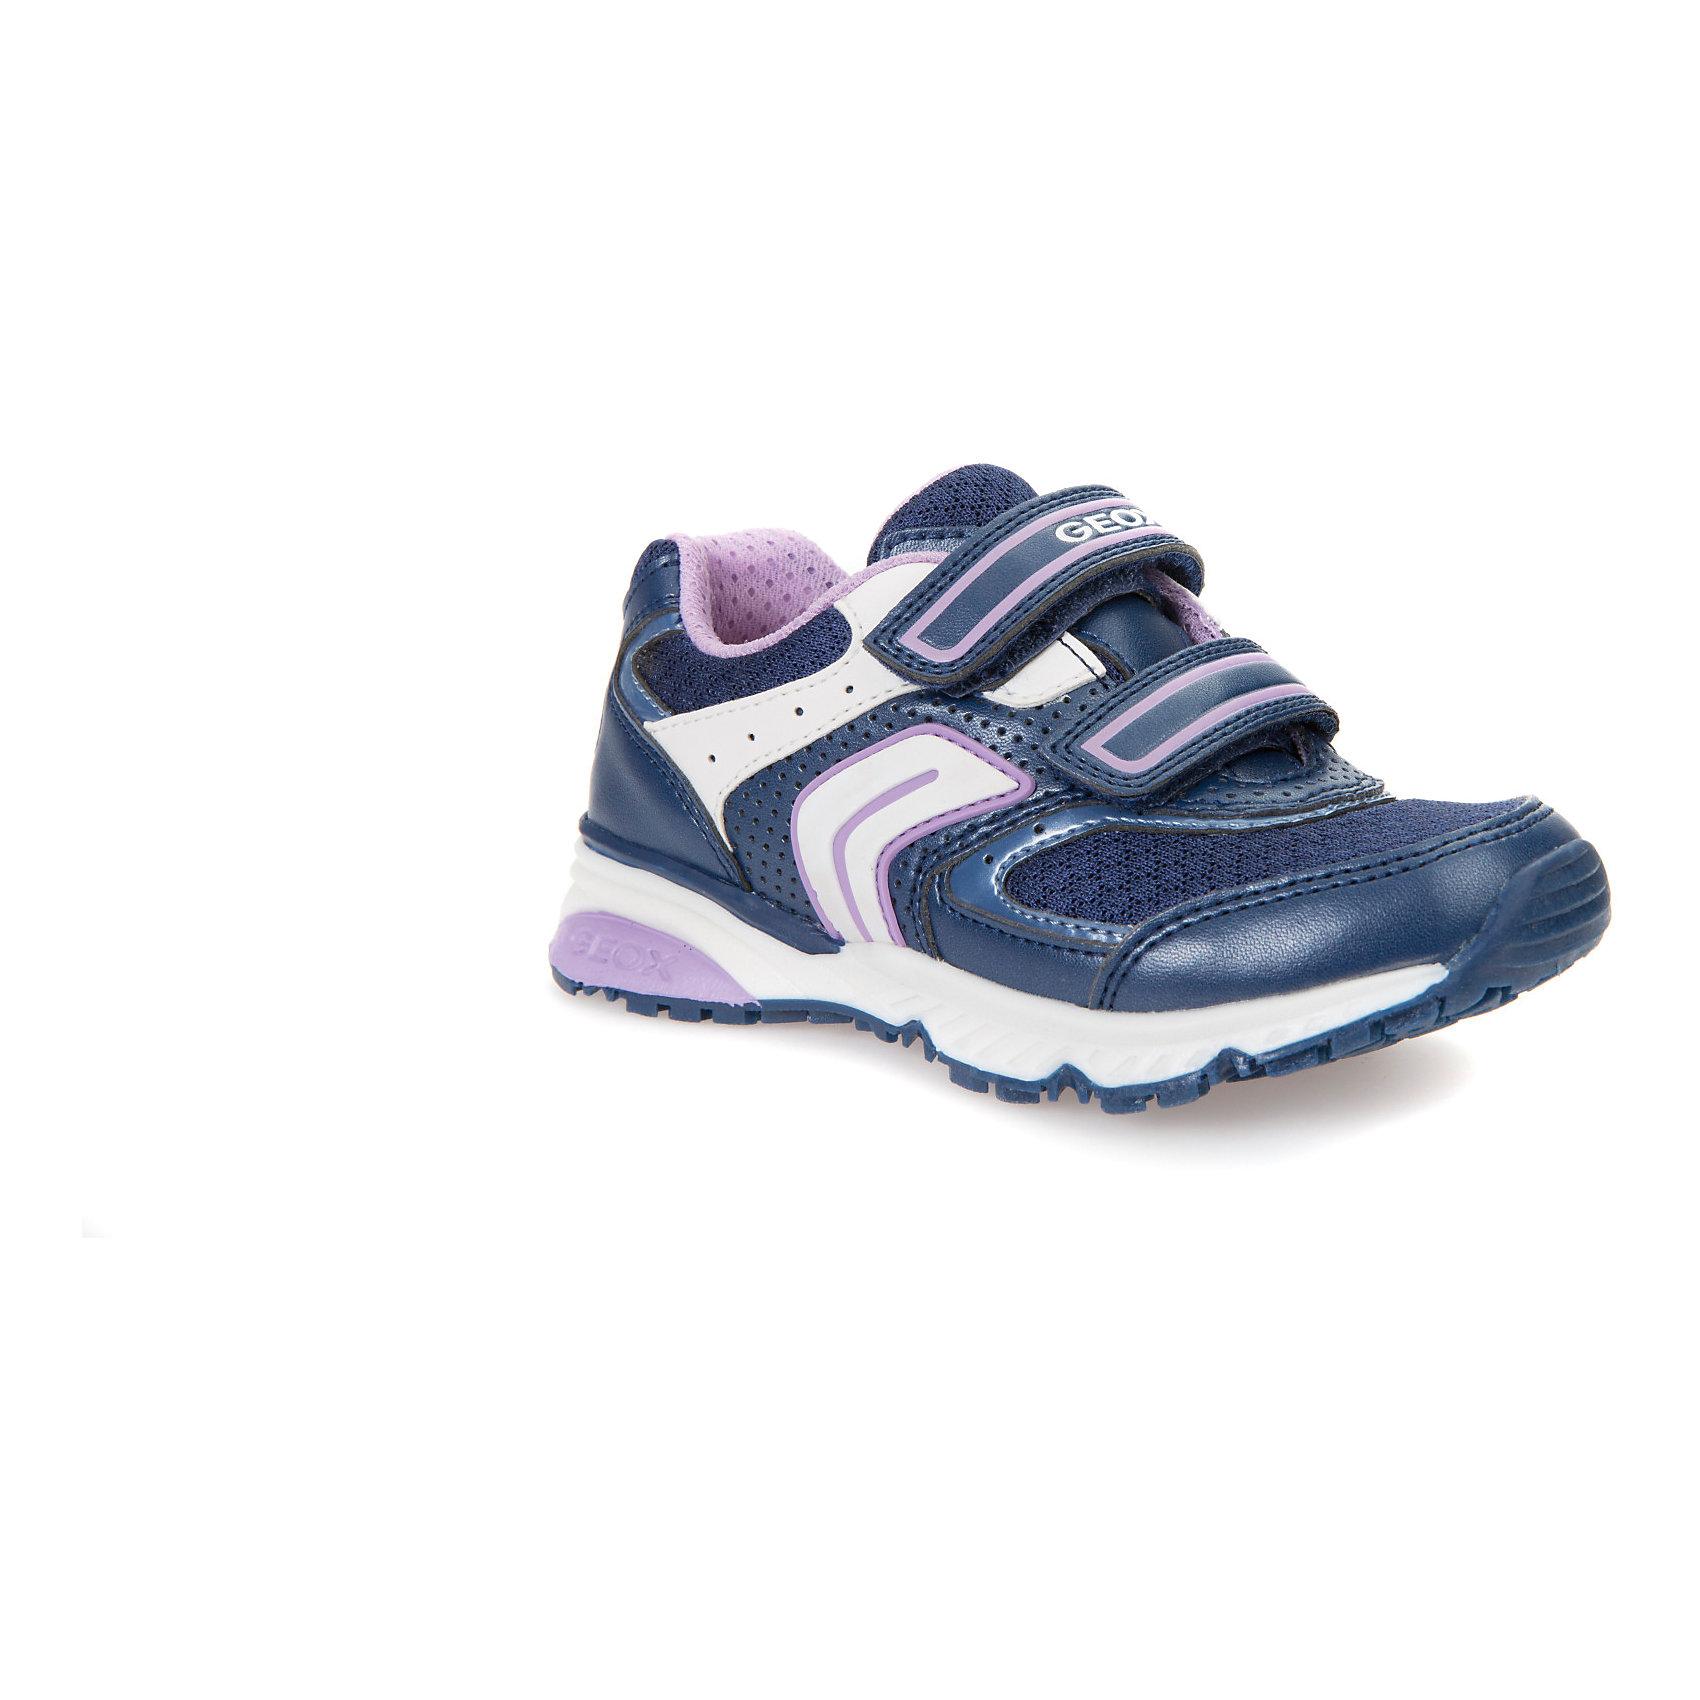 Кроссовки для девочки GEOXКроссовки<br>Характеристики товара:<br><br>• цвет: синий<br>• внешний материал: искусственные материалы<br>• внутренний материал: текстиль<br>• стелька: текстиль, искусственные материалы<br>• подошва: полимер<br>• высота подошвы: 2,5 см.<br>• застежка: липучка<br>• дышащие<br>• защита носка<br>• устойчивая подошва<br>• мембранная технология<br>• декорированы логотипом<br>• коллекция: весна-лето 2017<br>• страна бренда: Италия<br><br>Модные удобные кроссовки помогут обеспечить ребенку комфорт и дополнить наряд. Универсальный цвет позволяет надевать их под одежду разных расцветок. Кроссовки удобно сидят на ноге и очень стильно смотрятся. Отличный вариант для прогулок и занятий спортом!<br><br>Обувь от бренда GEOX - это классический пример итальянского стиля и высокого качества, известных по всему миру. Модели этой марки - неизменно модные и комфортные. Для их производства используются только безопасные, качественные материалы и фурнитура. Отличие этой линейки обуви - мембранная технология, которая обеспечивает естественное дыхание обуви и в то же время не пропускает воду. Это особенно важно для детской обуви!<br><br>Кроссовки от итальянского бренда GEOX (ГЕОКС) можно купить в нашем интернет-магазине.<br><br>Ширина мм: 262<br>Глубина мм: 176<br>Высота мм: 97<br>Вес г: 427<br>Цвет: синий<br>Возраст от месяцев: 96<br>Возраст до месяцев: 108<br>Пол: Женский<br>Возраст: Детский<br>Размер: 32,27,28,29,30,31<br>SKU: 5334436